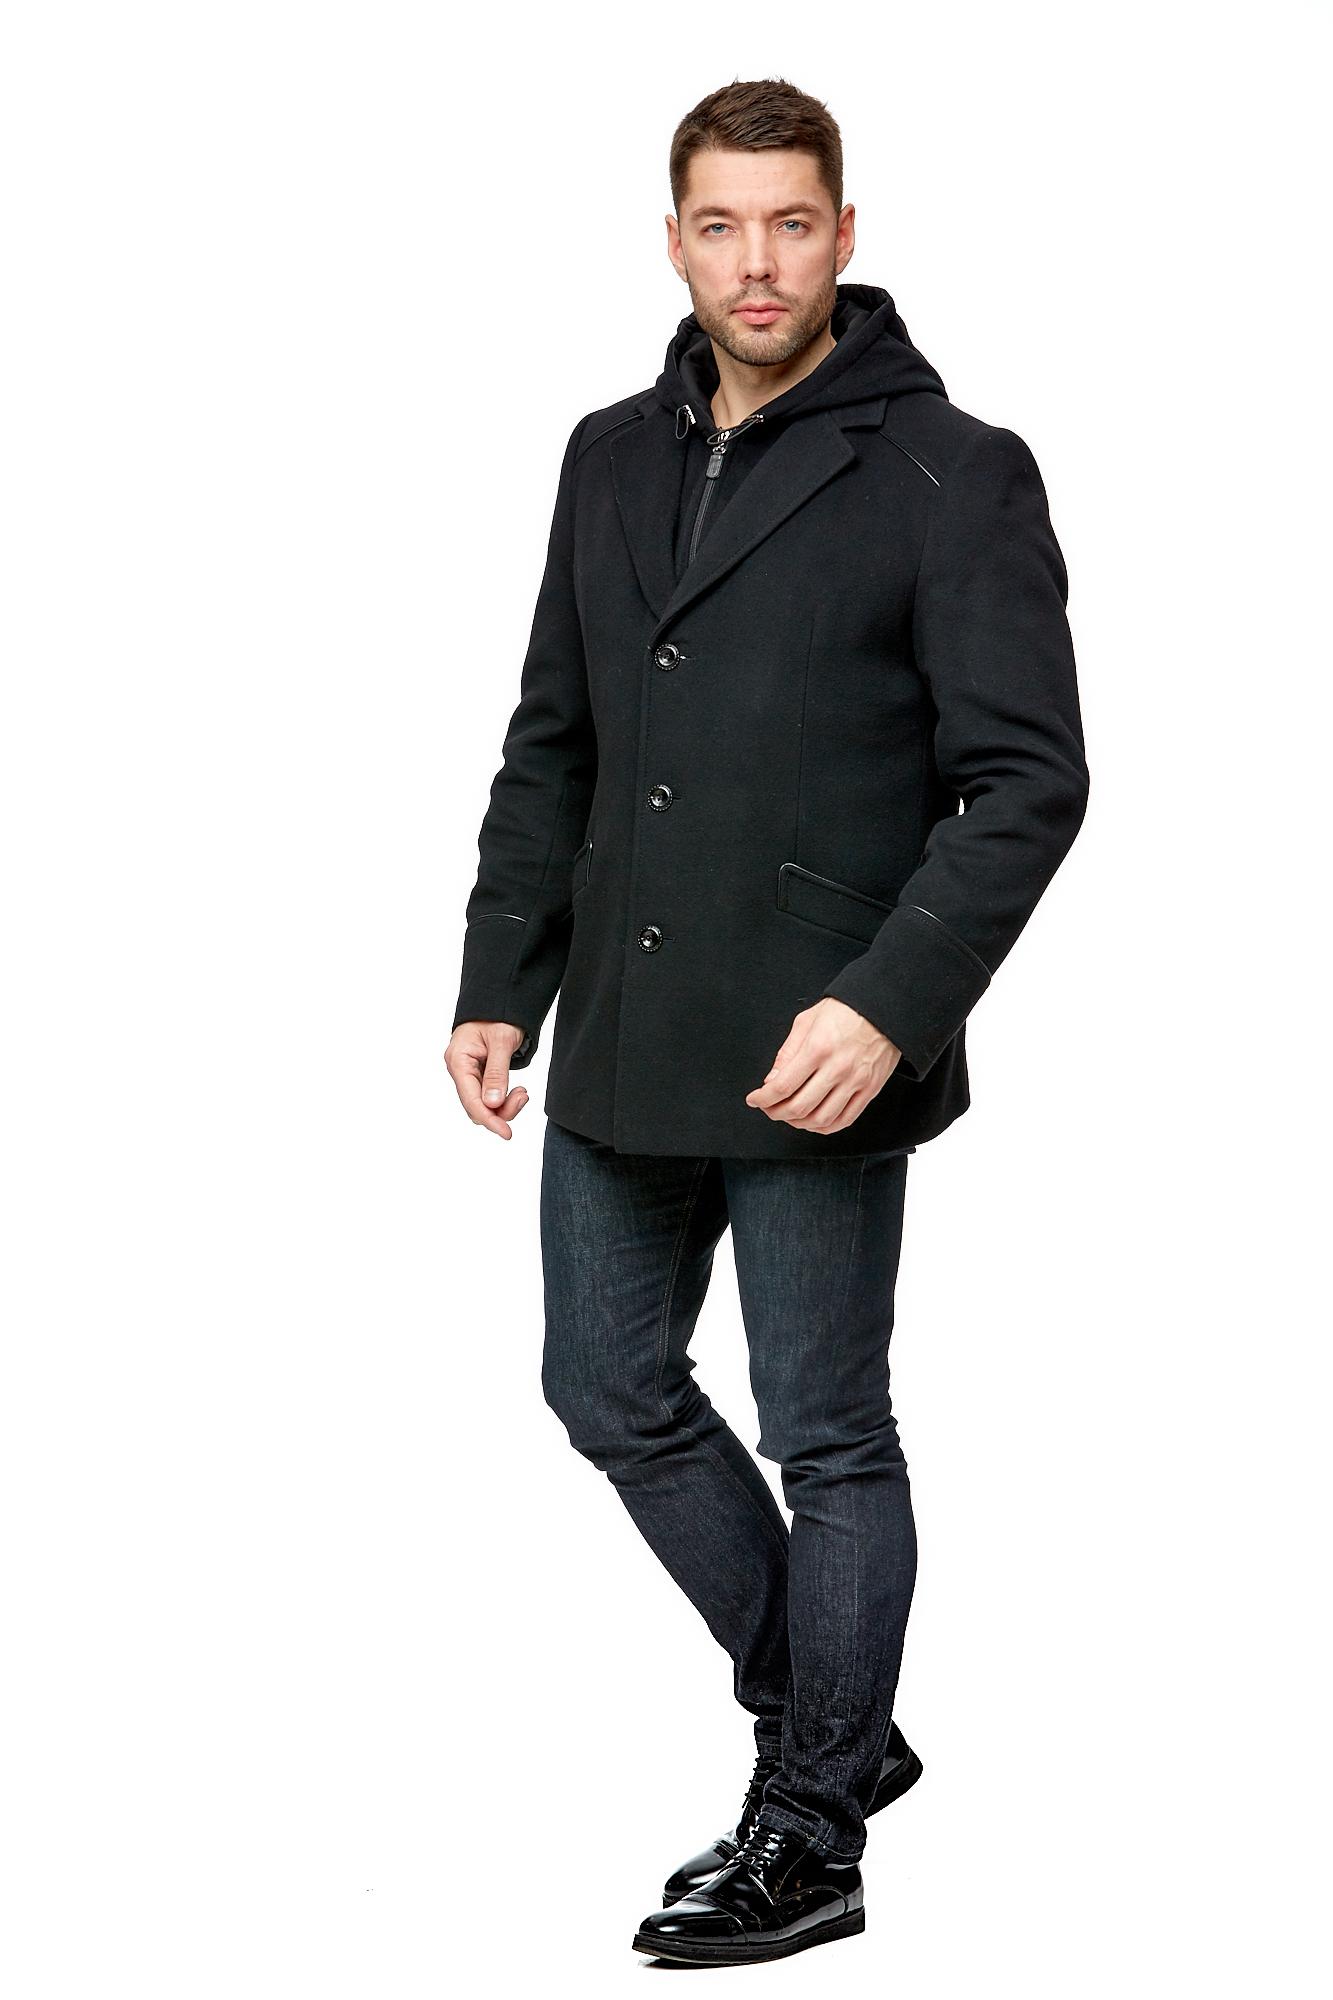 Мужское пальто из текстиля с капюшоном